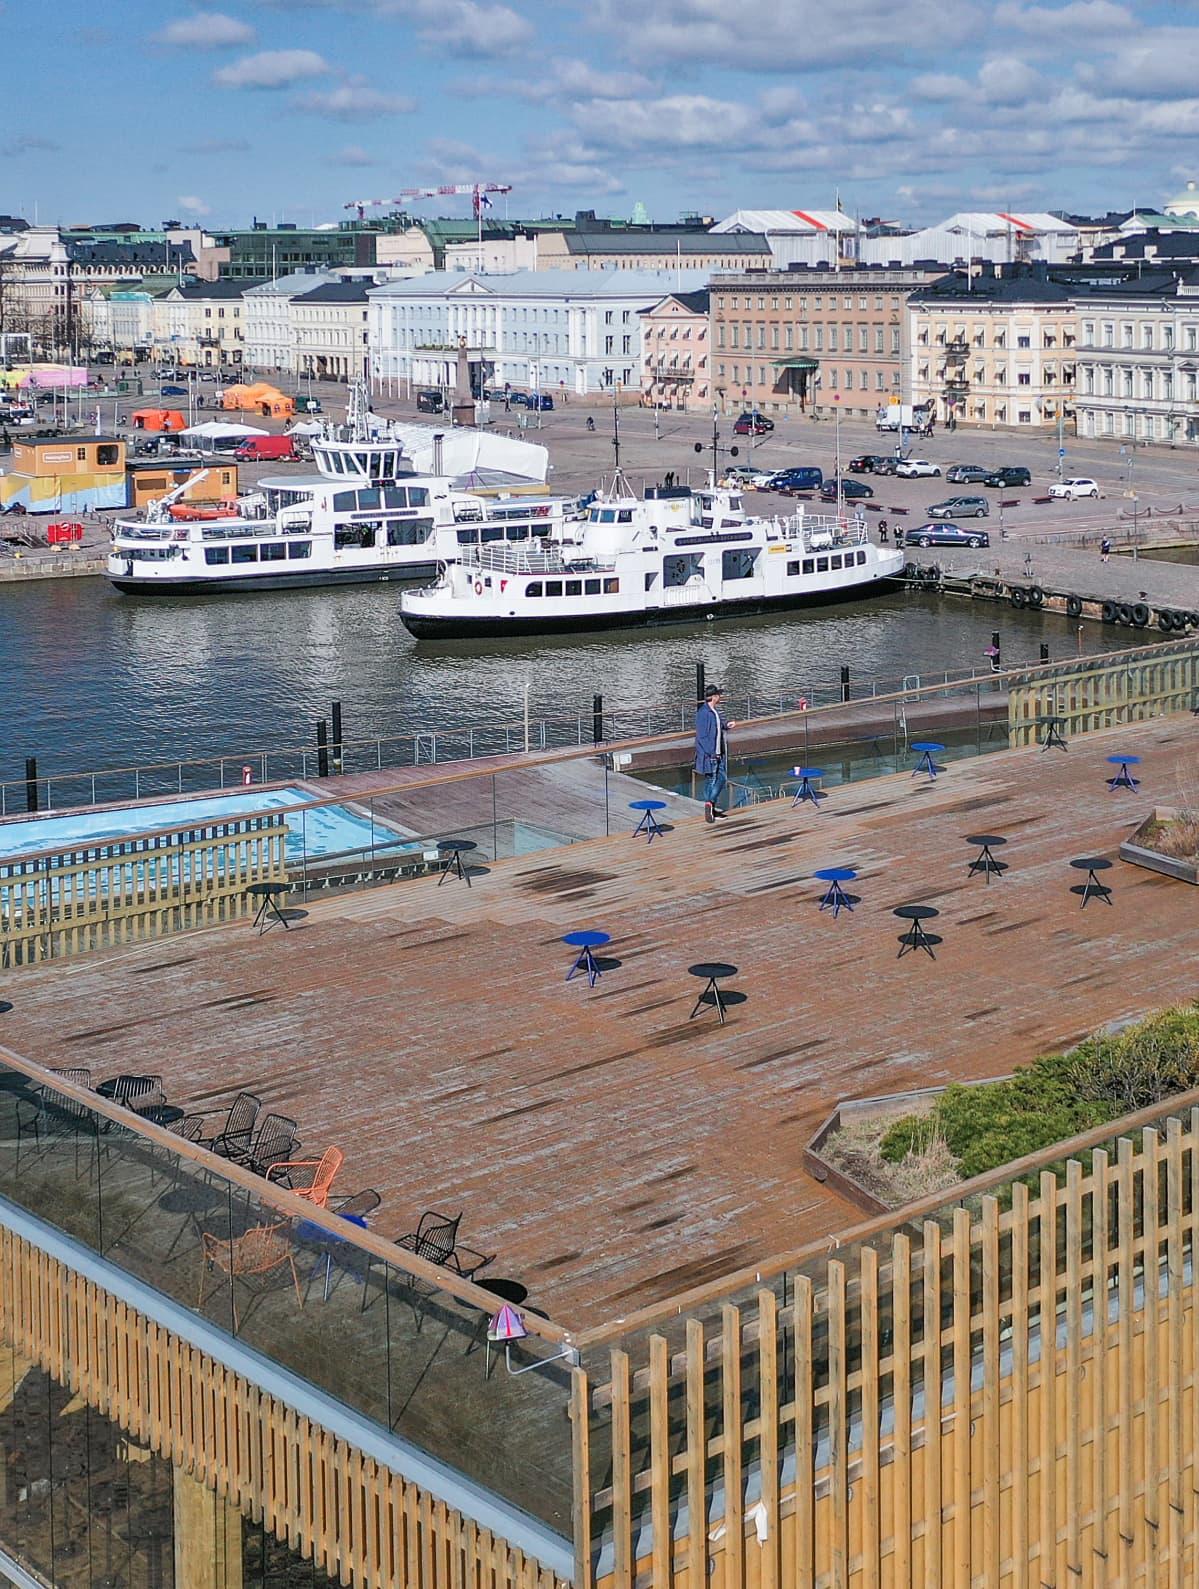 Suljettu Allas Sea Pool vappuaattona. Kim Heiniön arvion mukaan ravintolassa olisi normaalioloissa työskennellyt vappuna kolmisenkymmentä henkilöä palvelemassa yli tuhatta asiakasta.